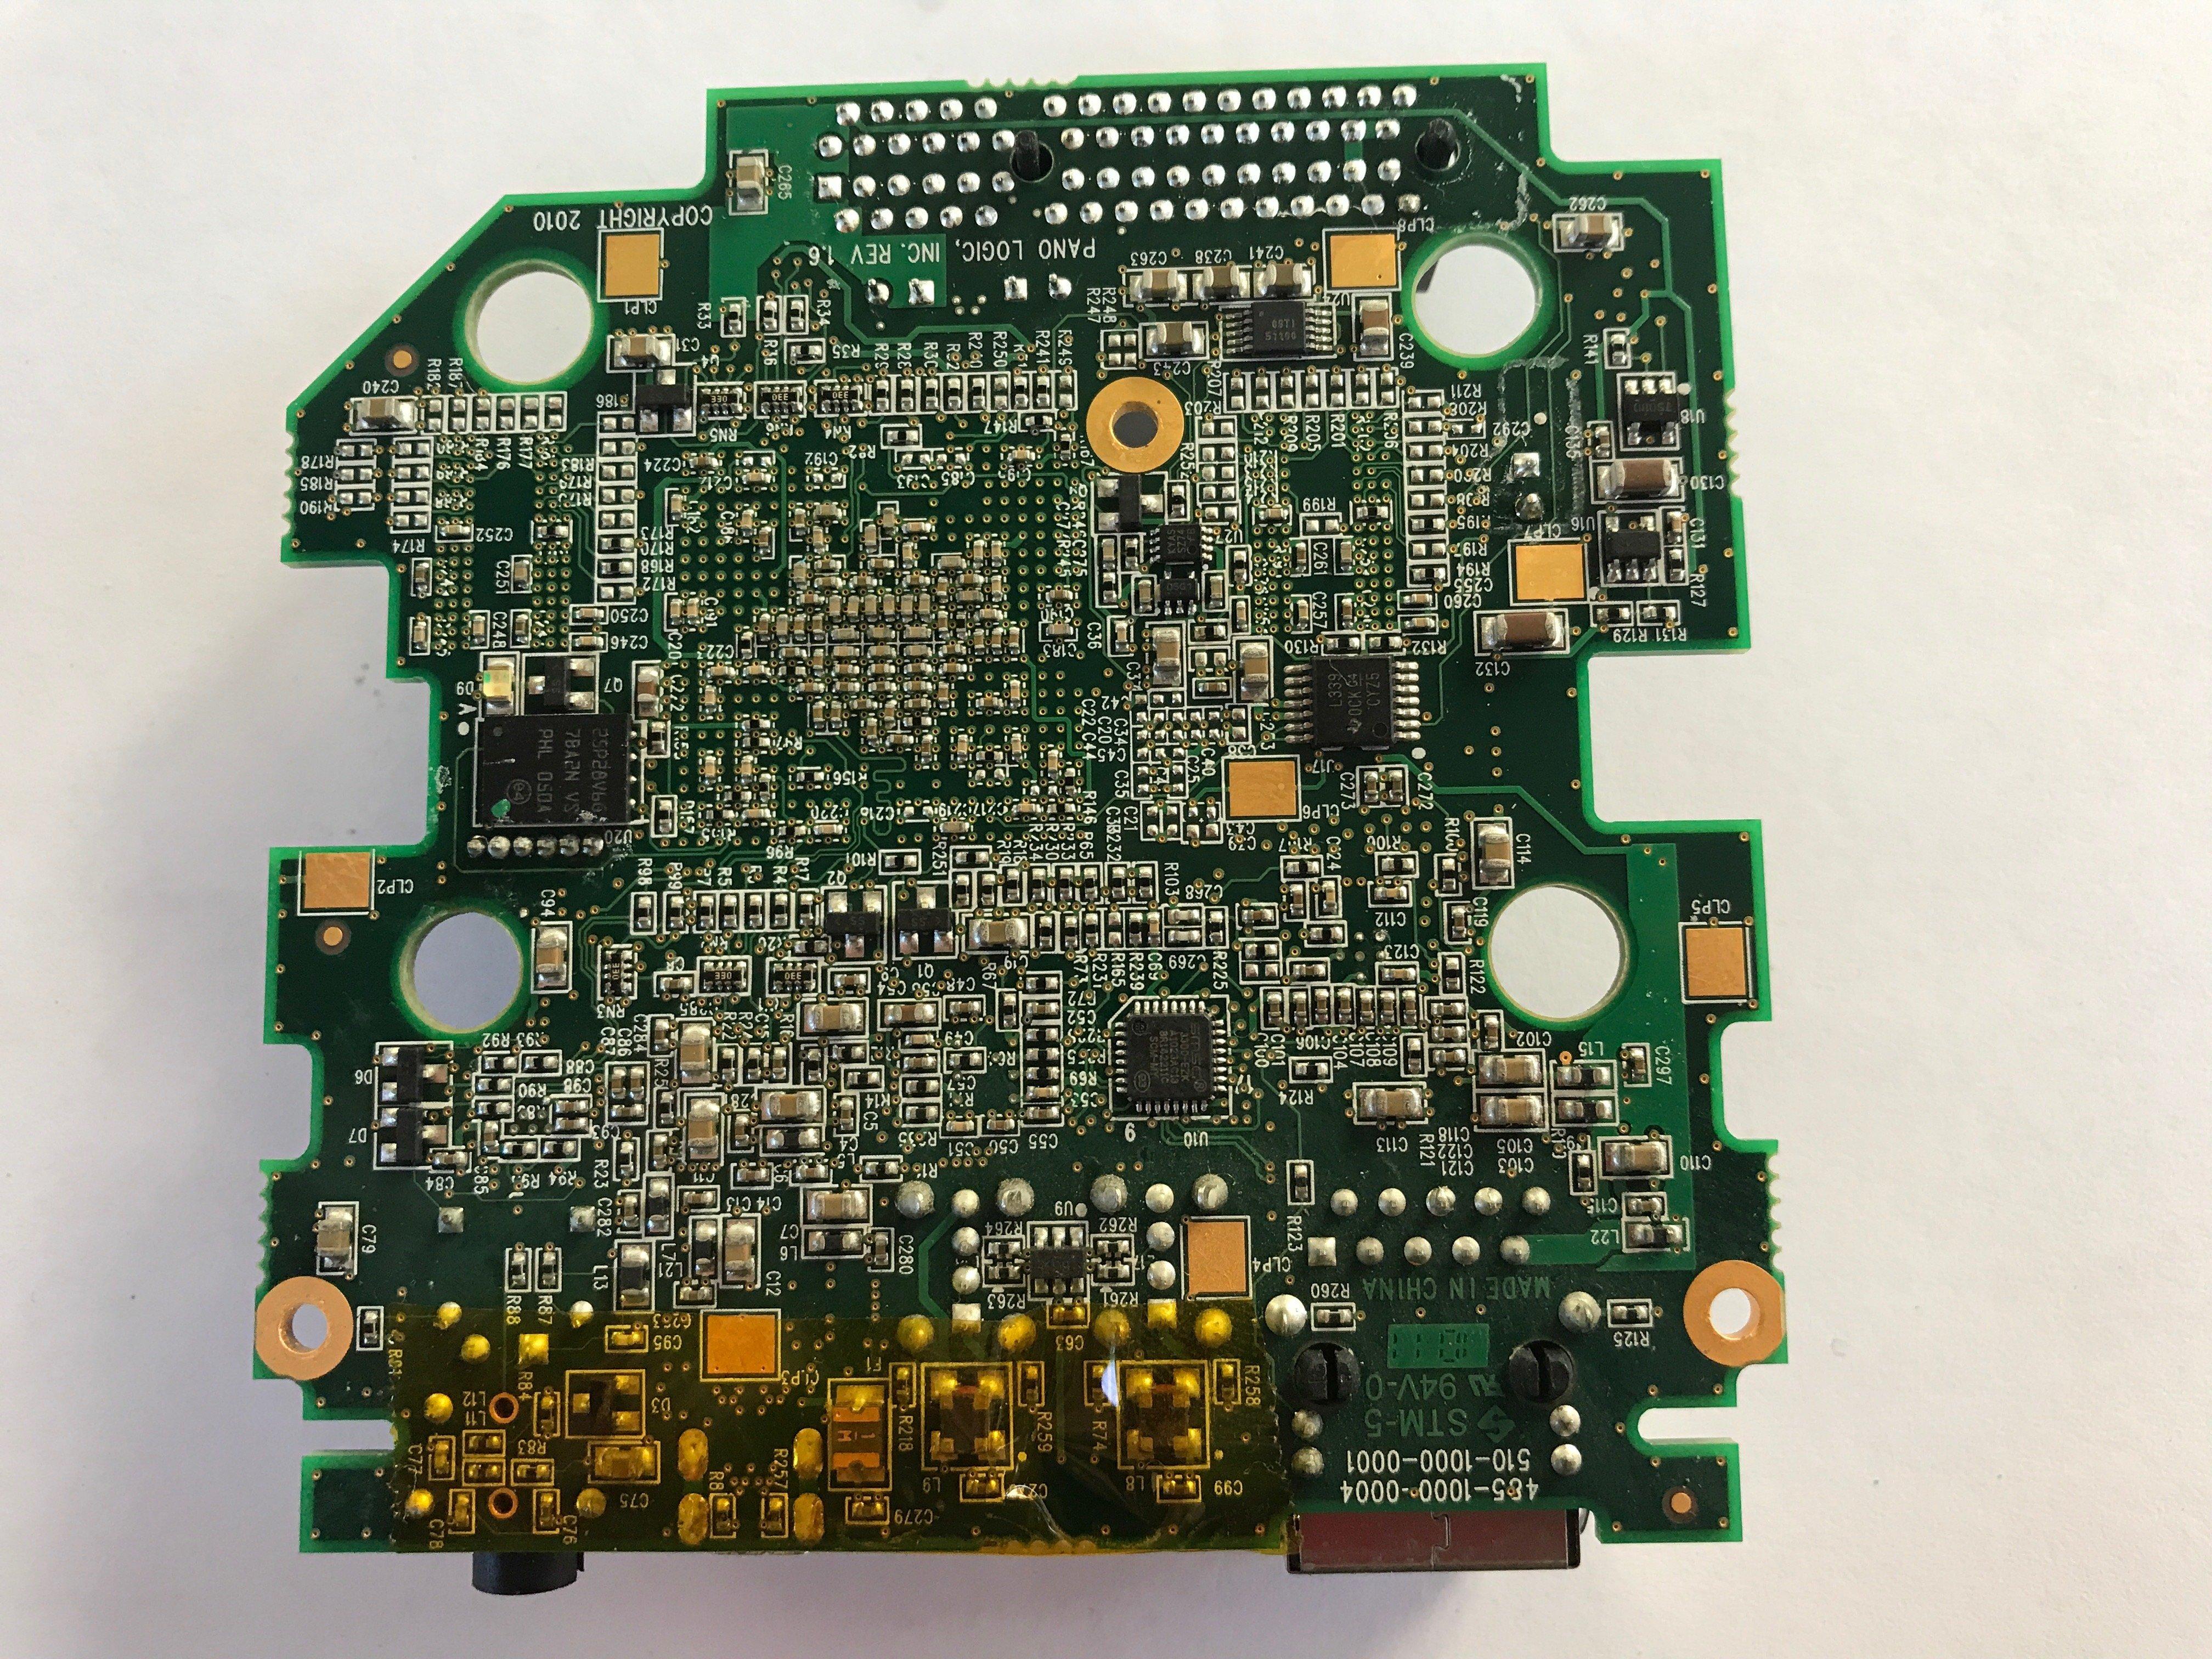 Pano Logic G2 Main PCB Bottom